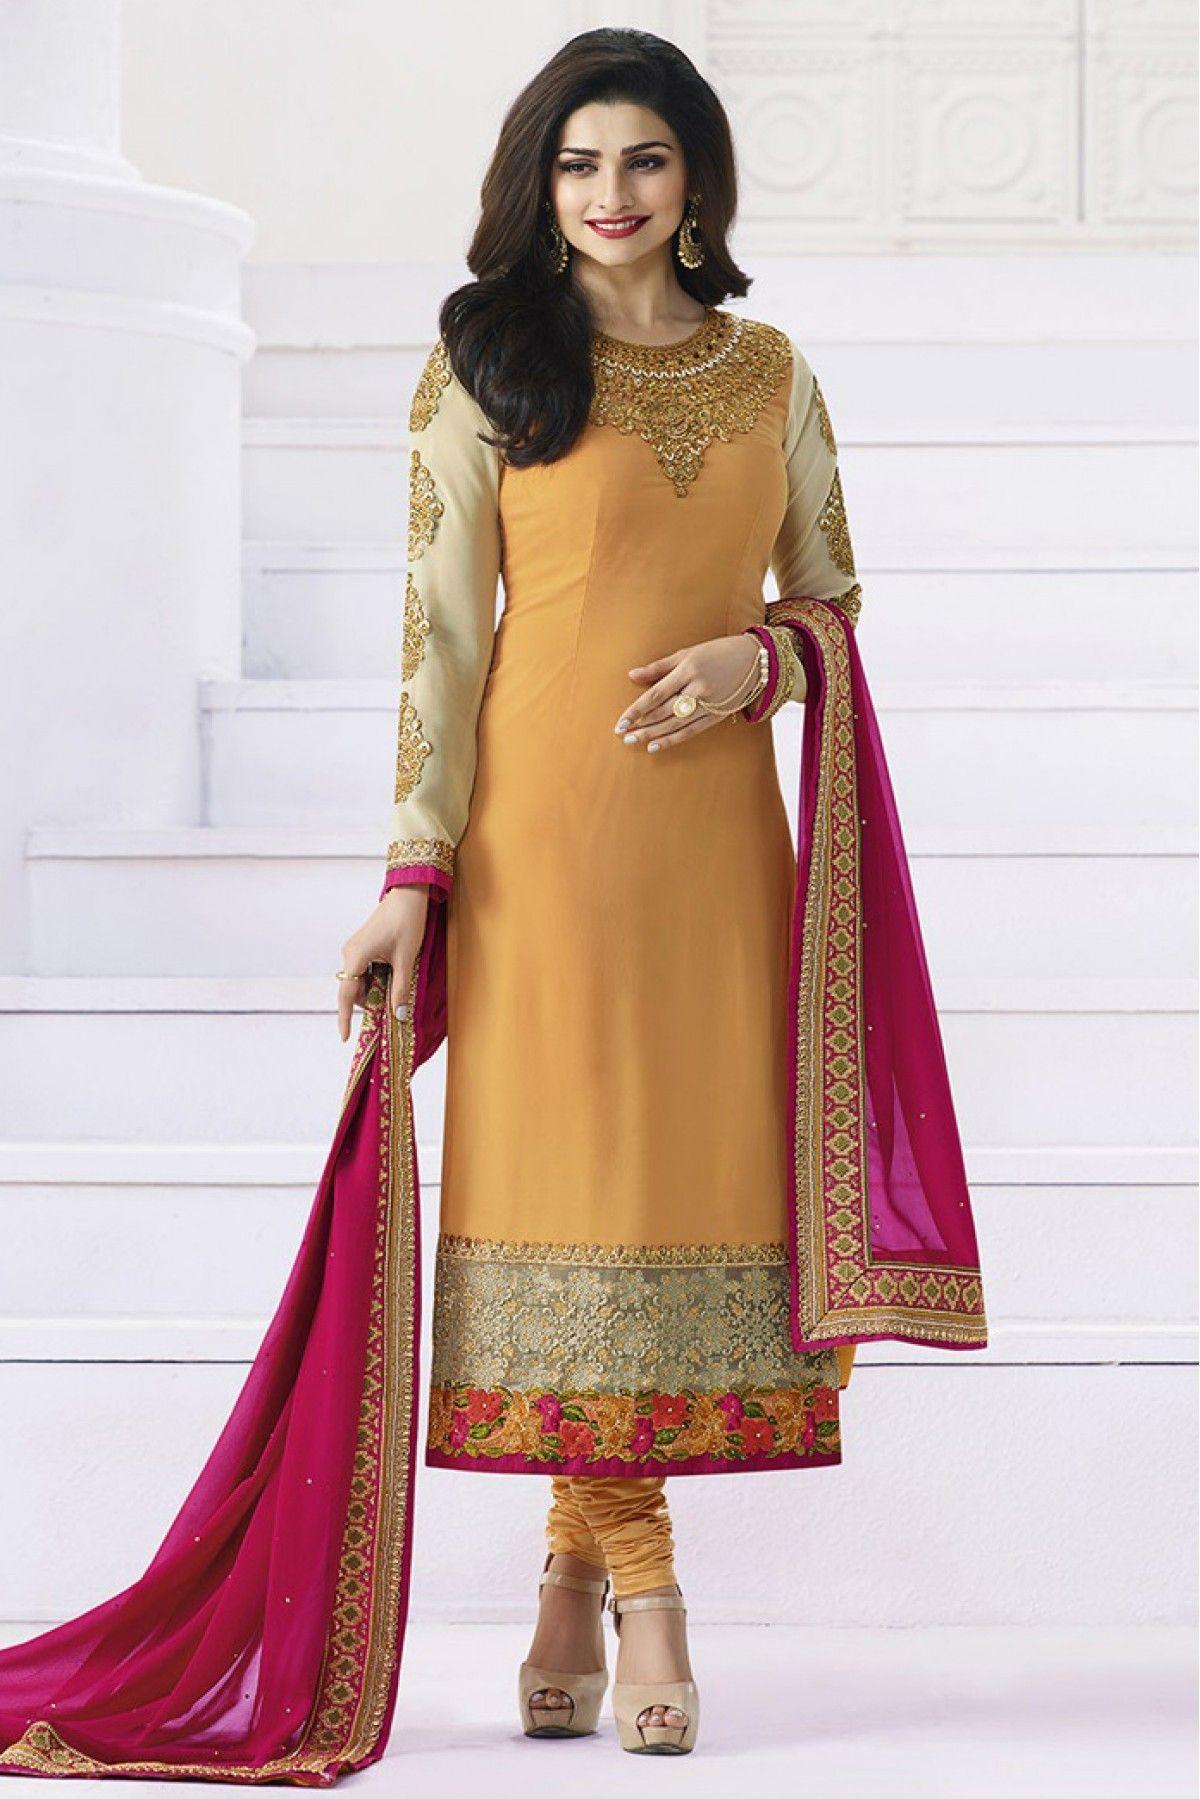 ee06fcc3d2 Pakistani Salwar Kameez, Shalwar Kameez, Salwar Suits, India Shopping,  Indian Clothes Online